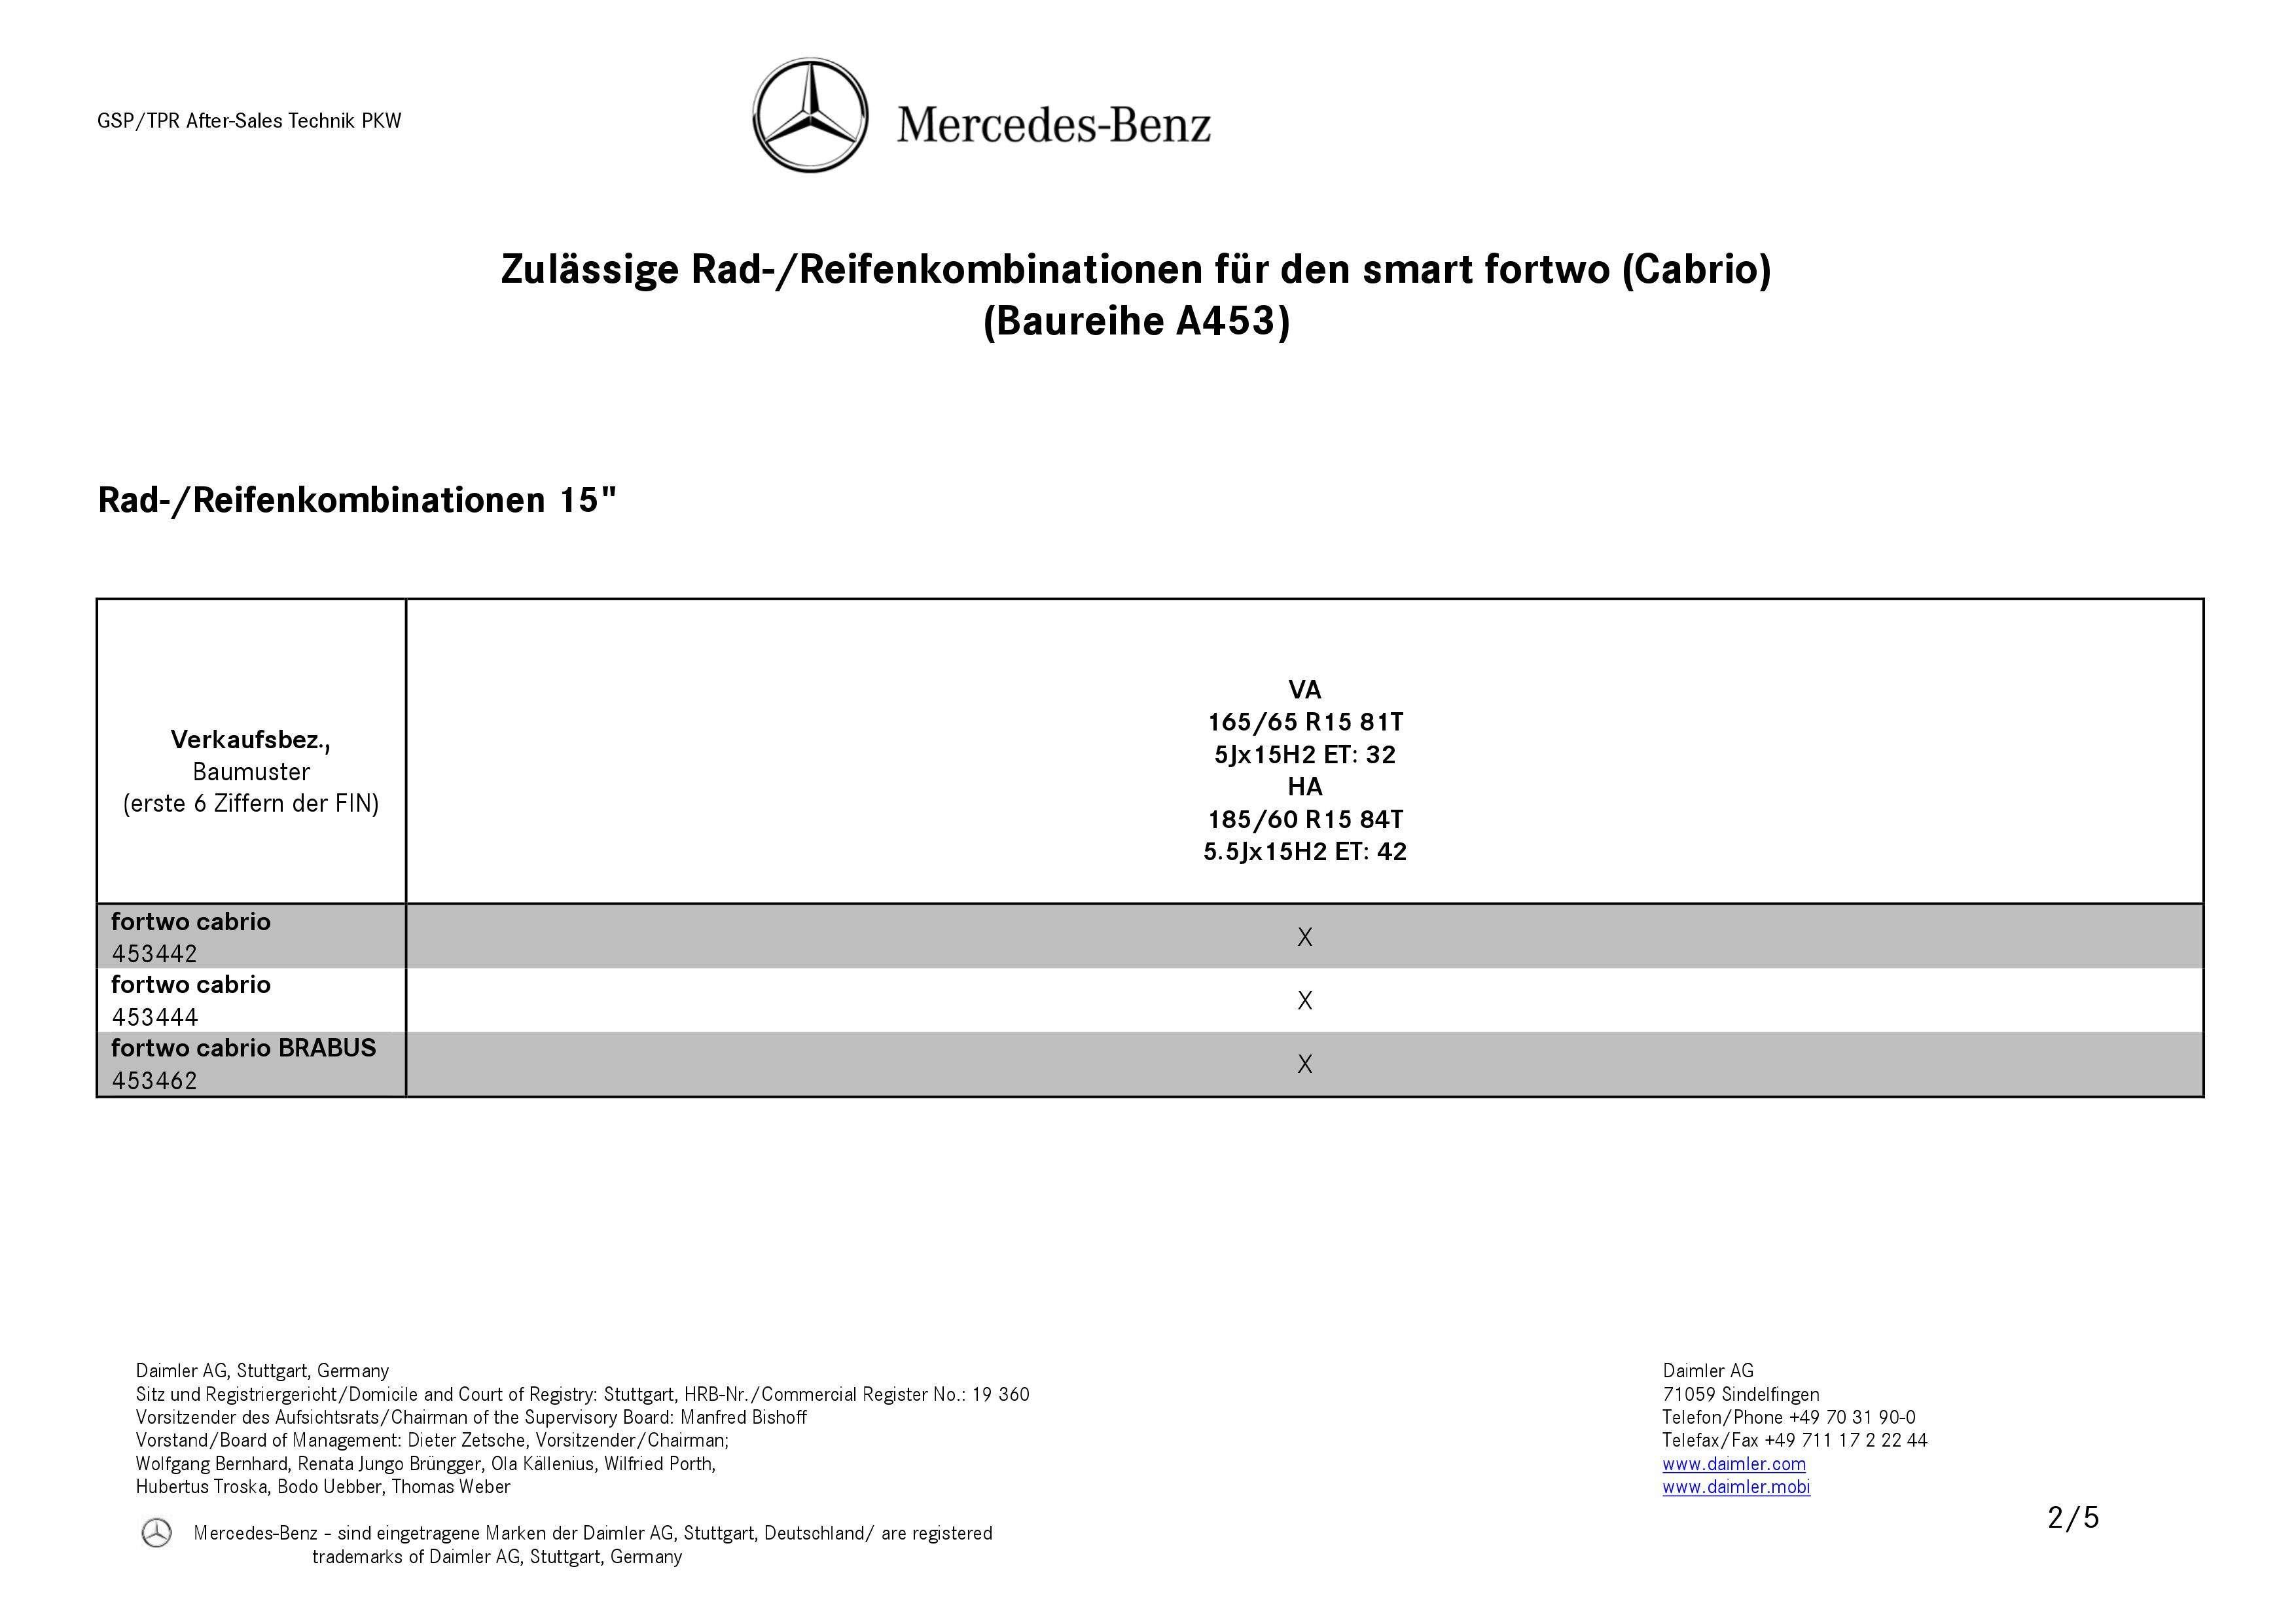 (A453): Medidas oficiais das rodas e pneus 0002_627